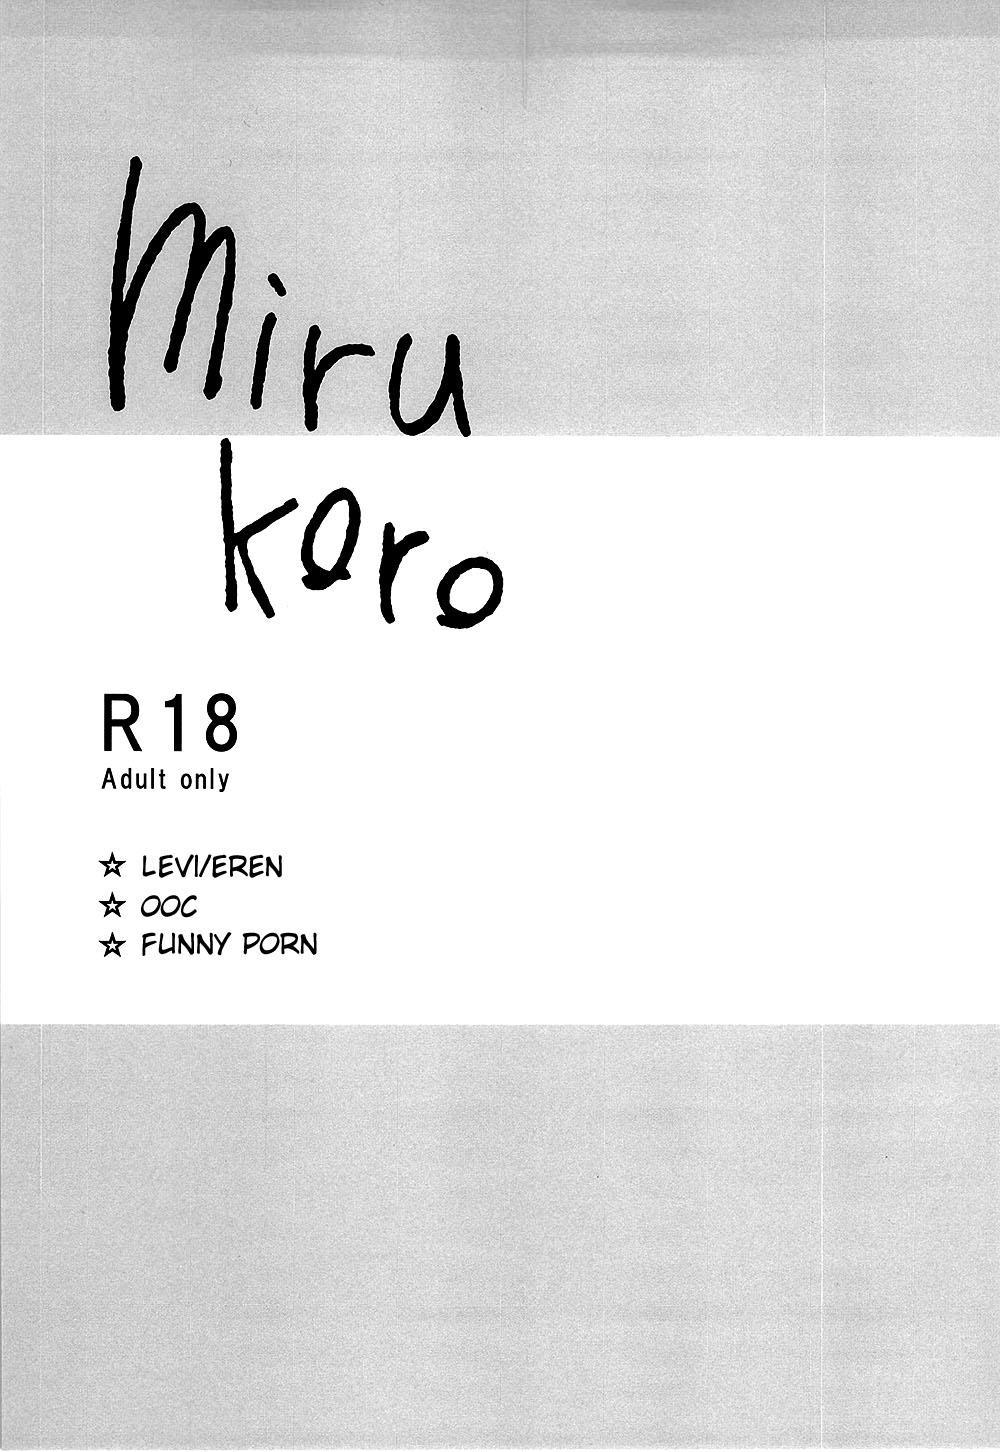 Mirukoro 1